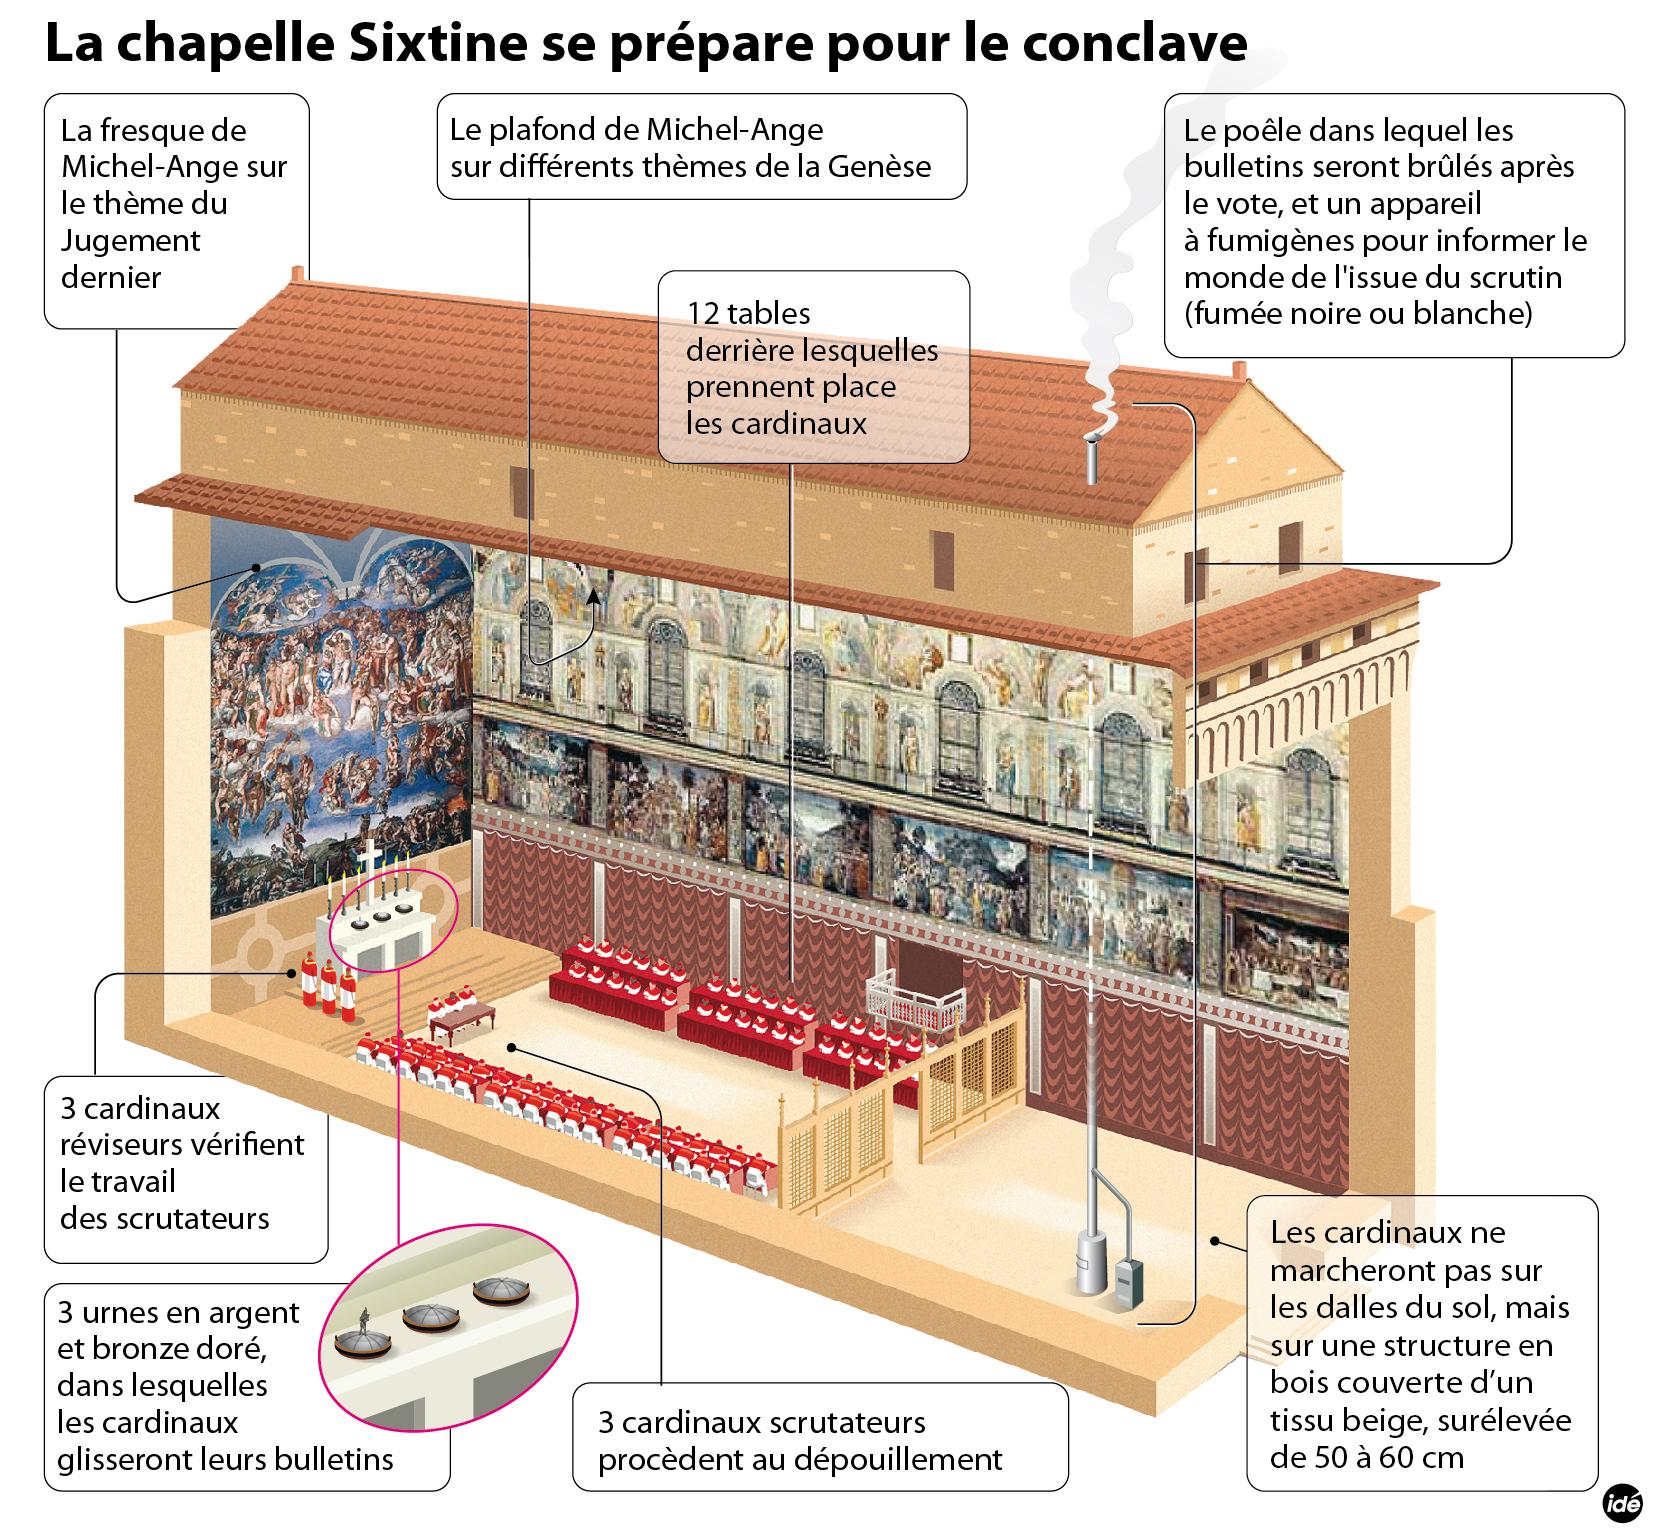 Nouveau pape le conclave s ouvre ce mardi au vatican for Exterieur chapelle sixtine